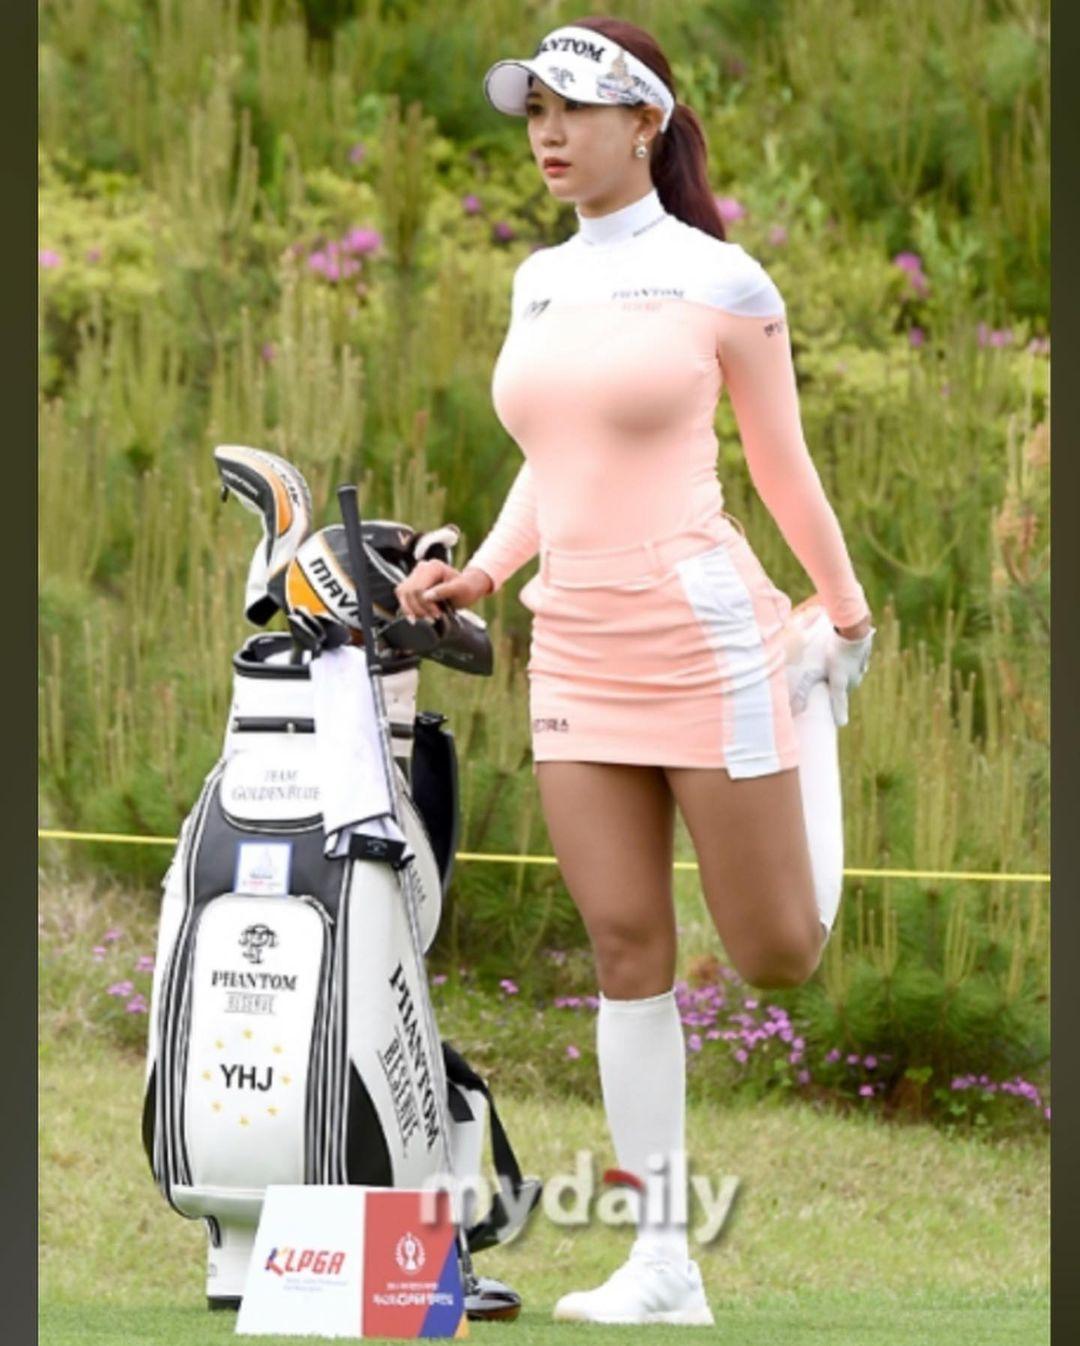 yoo_hyunJu026.jpg